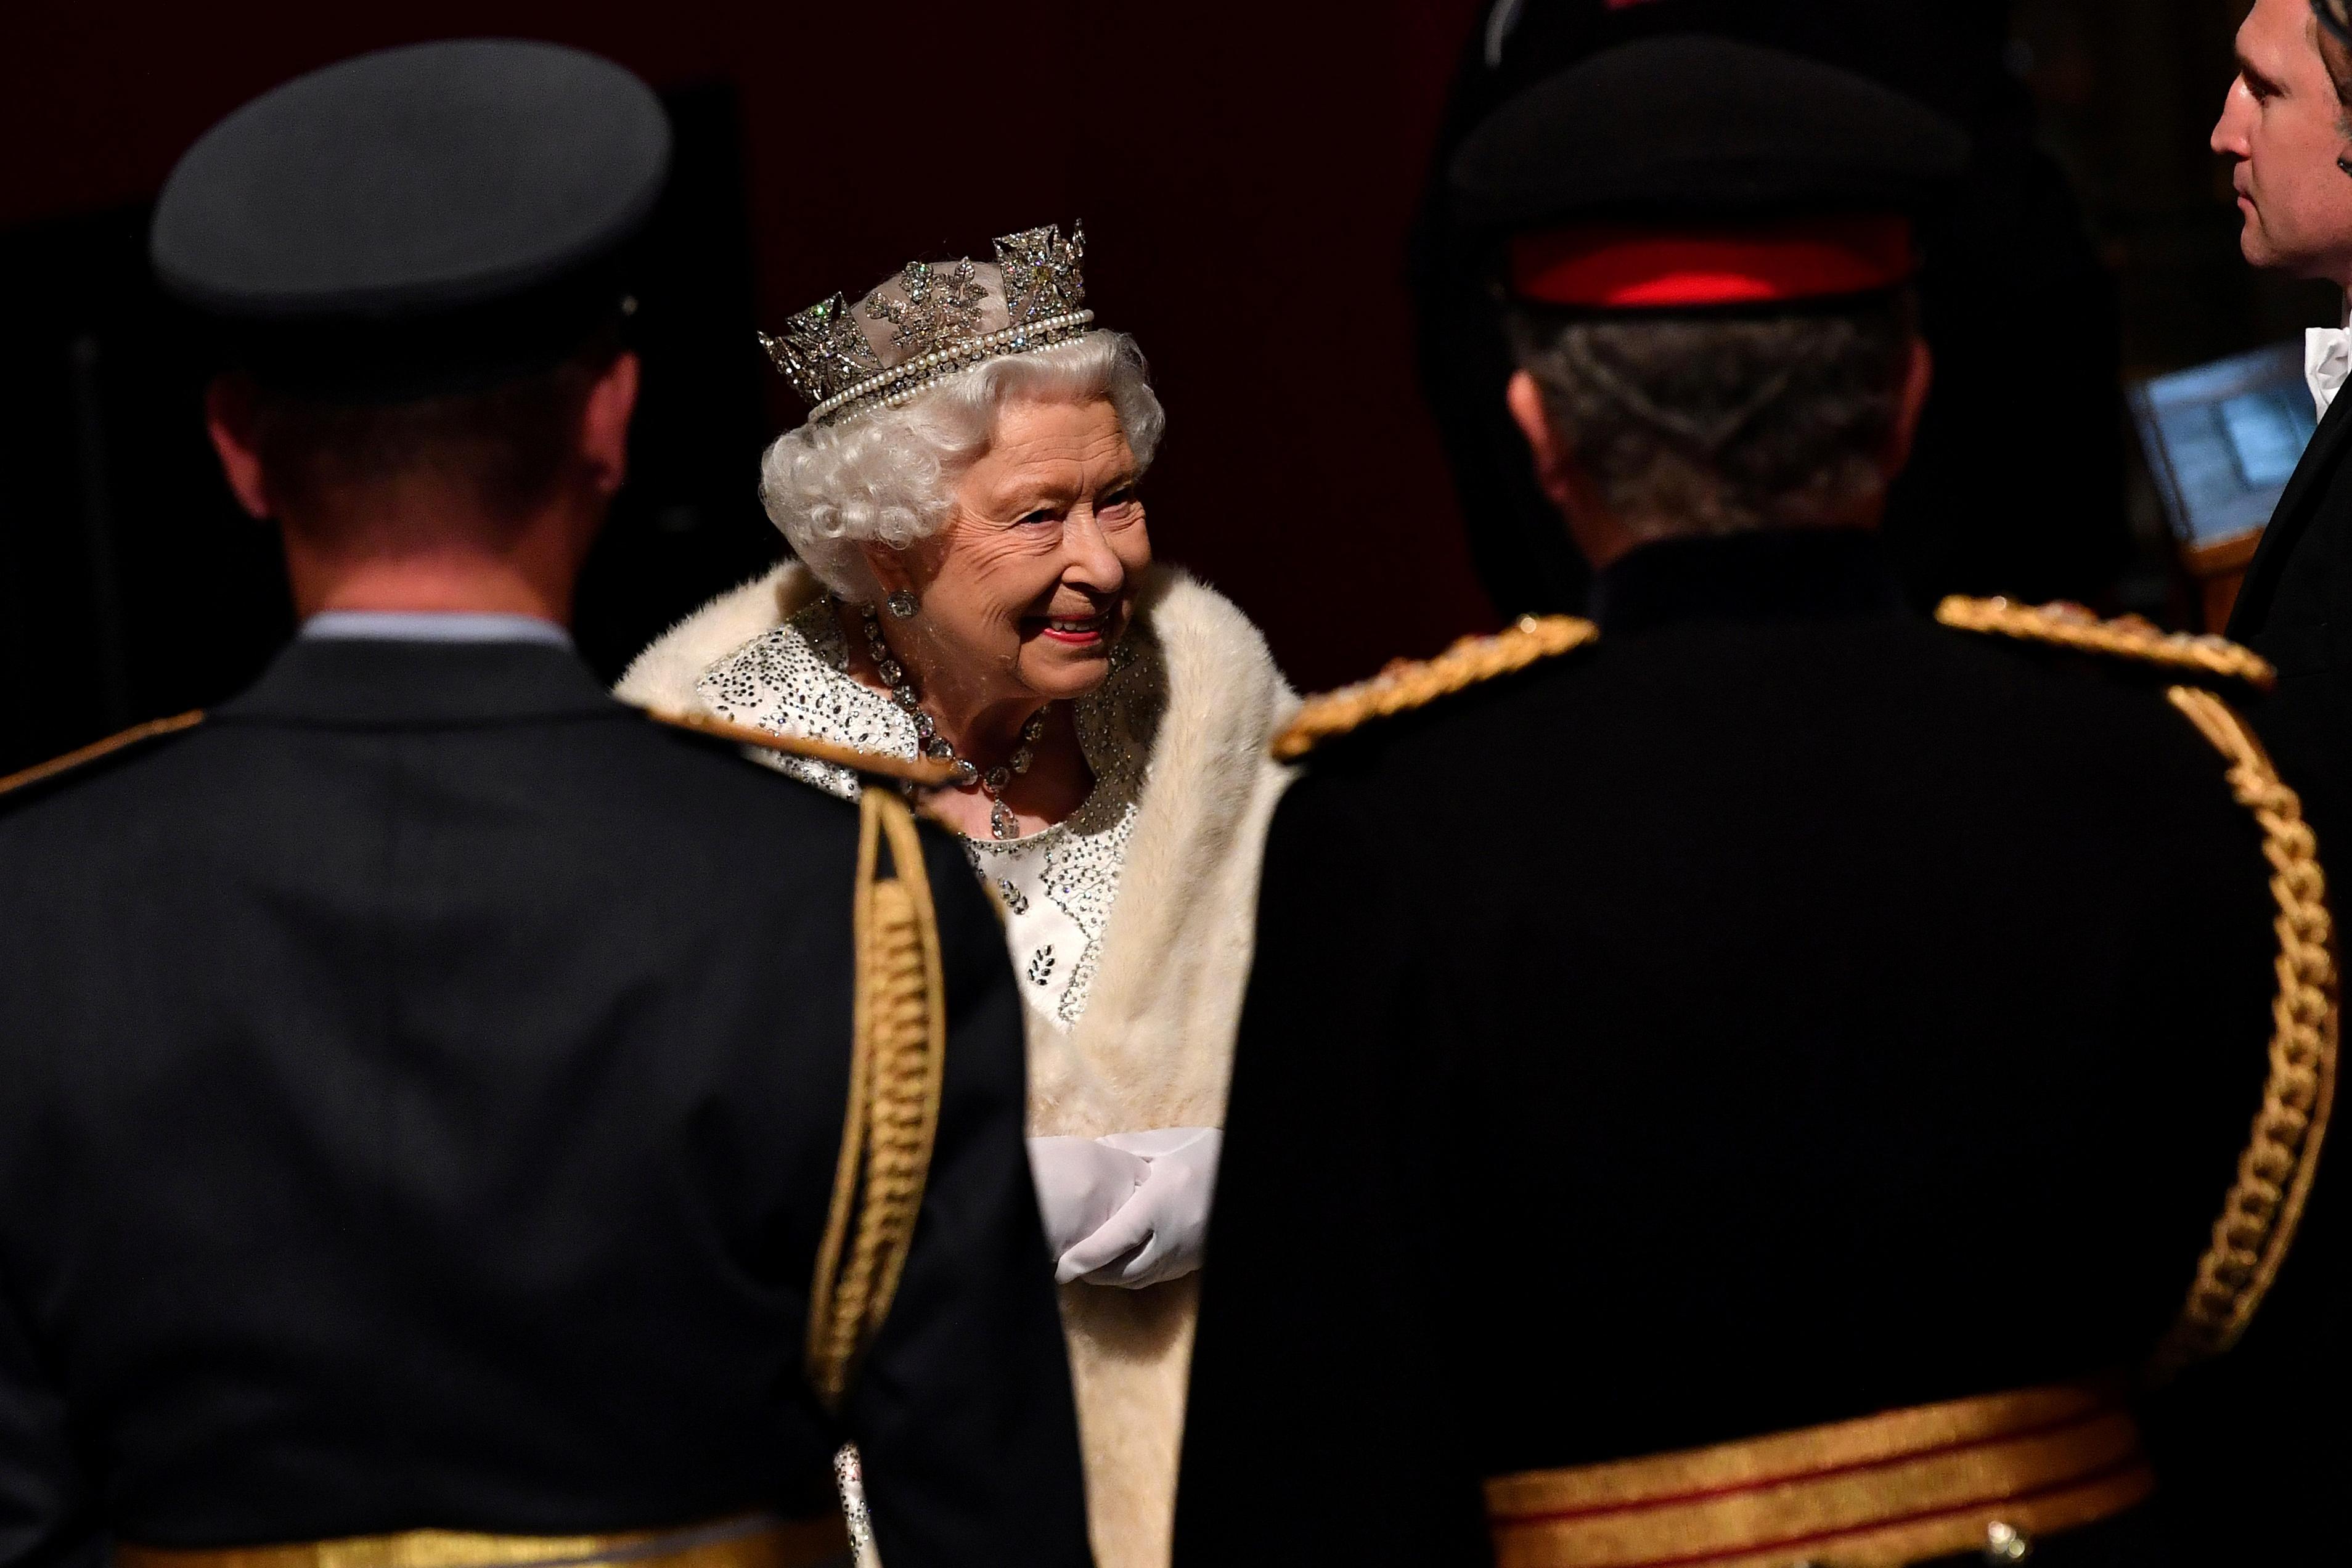 ردة فعل الملكة إليزابيث البريطانية وهي تحضر حفل افتتاح البرلمان